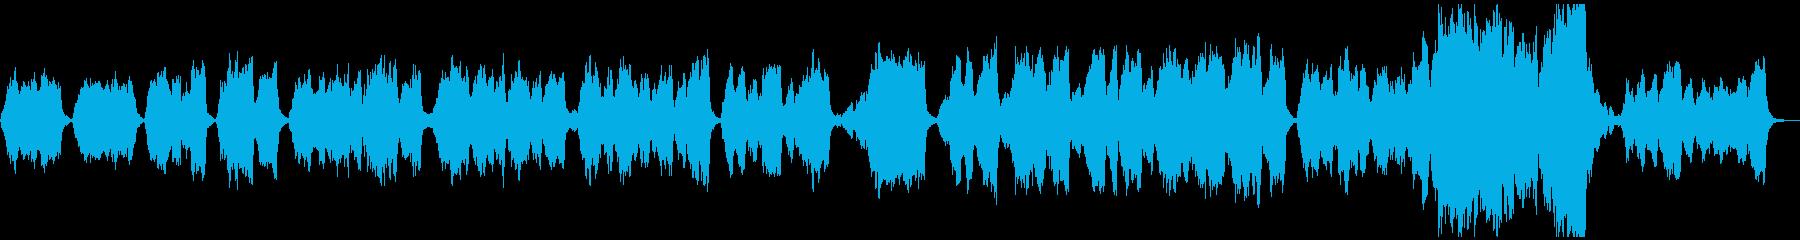 クリスマス定番曲・オーケストラアレンジの再生済みの波形